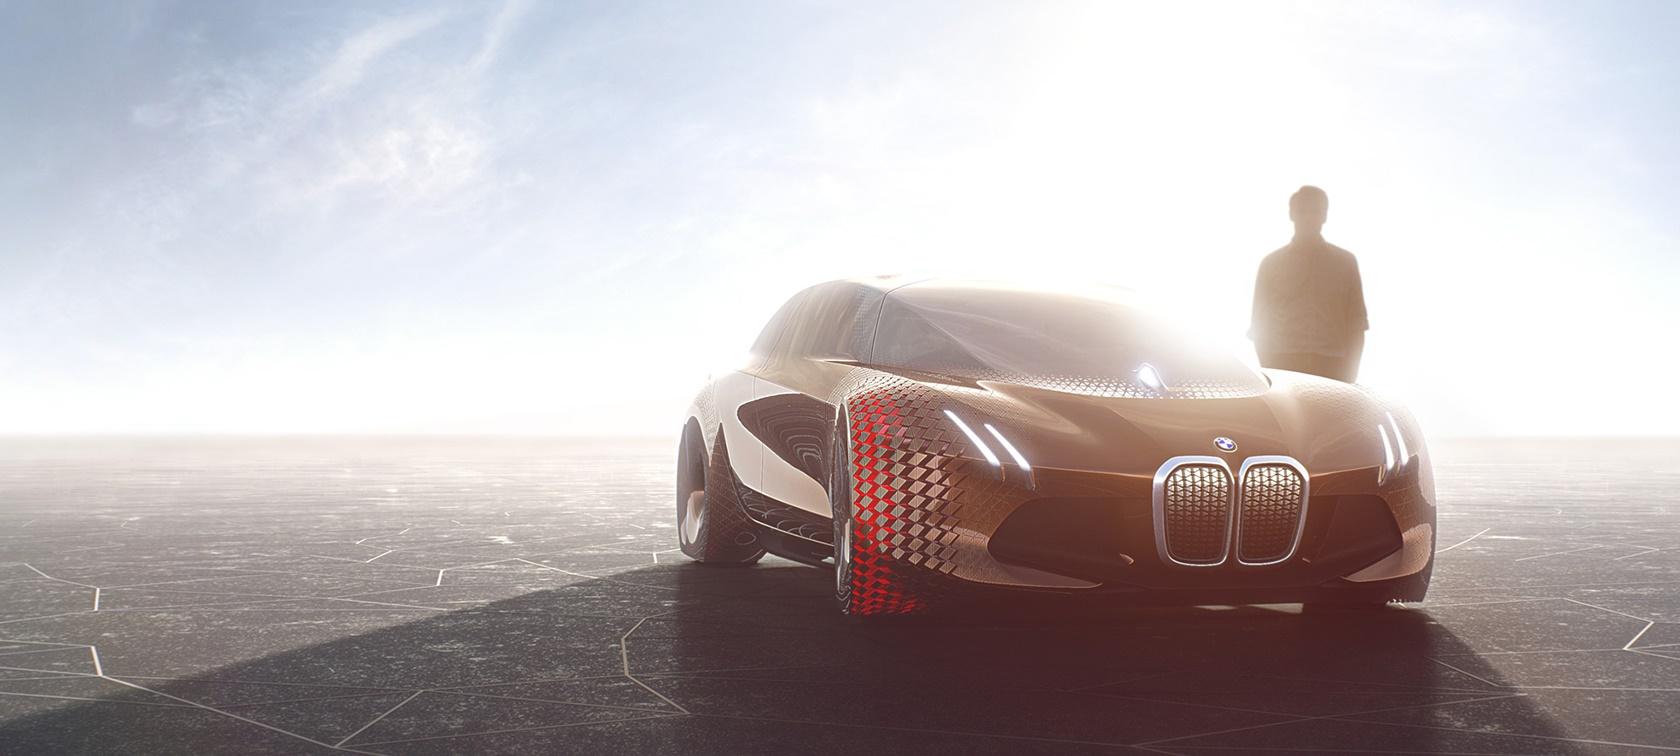 خبر جدید از «i Next» خودروی تمام کامپیوتری بی م و در سال 2021 + عکس